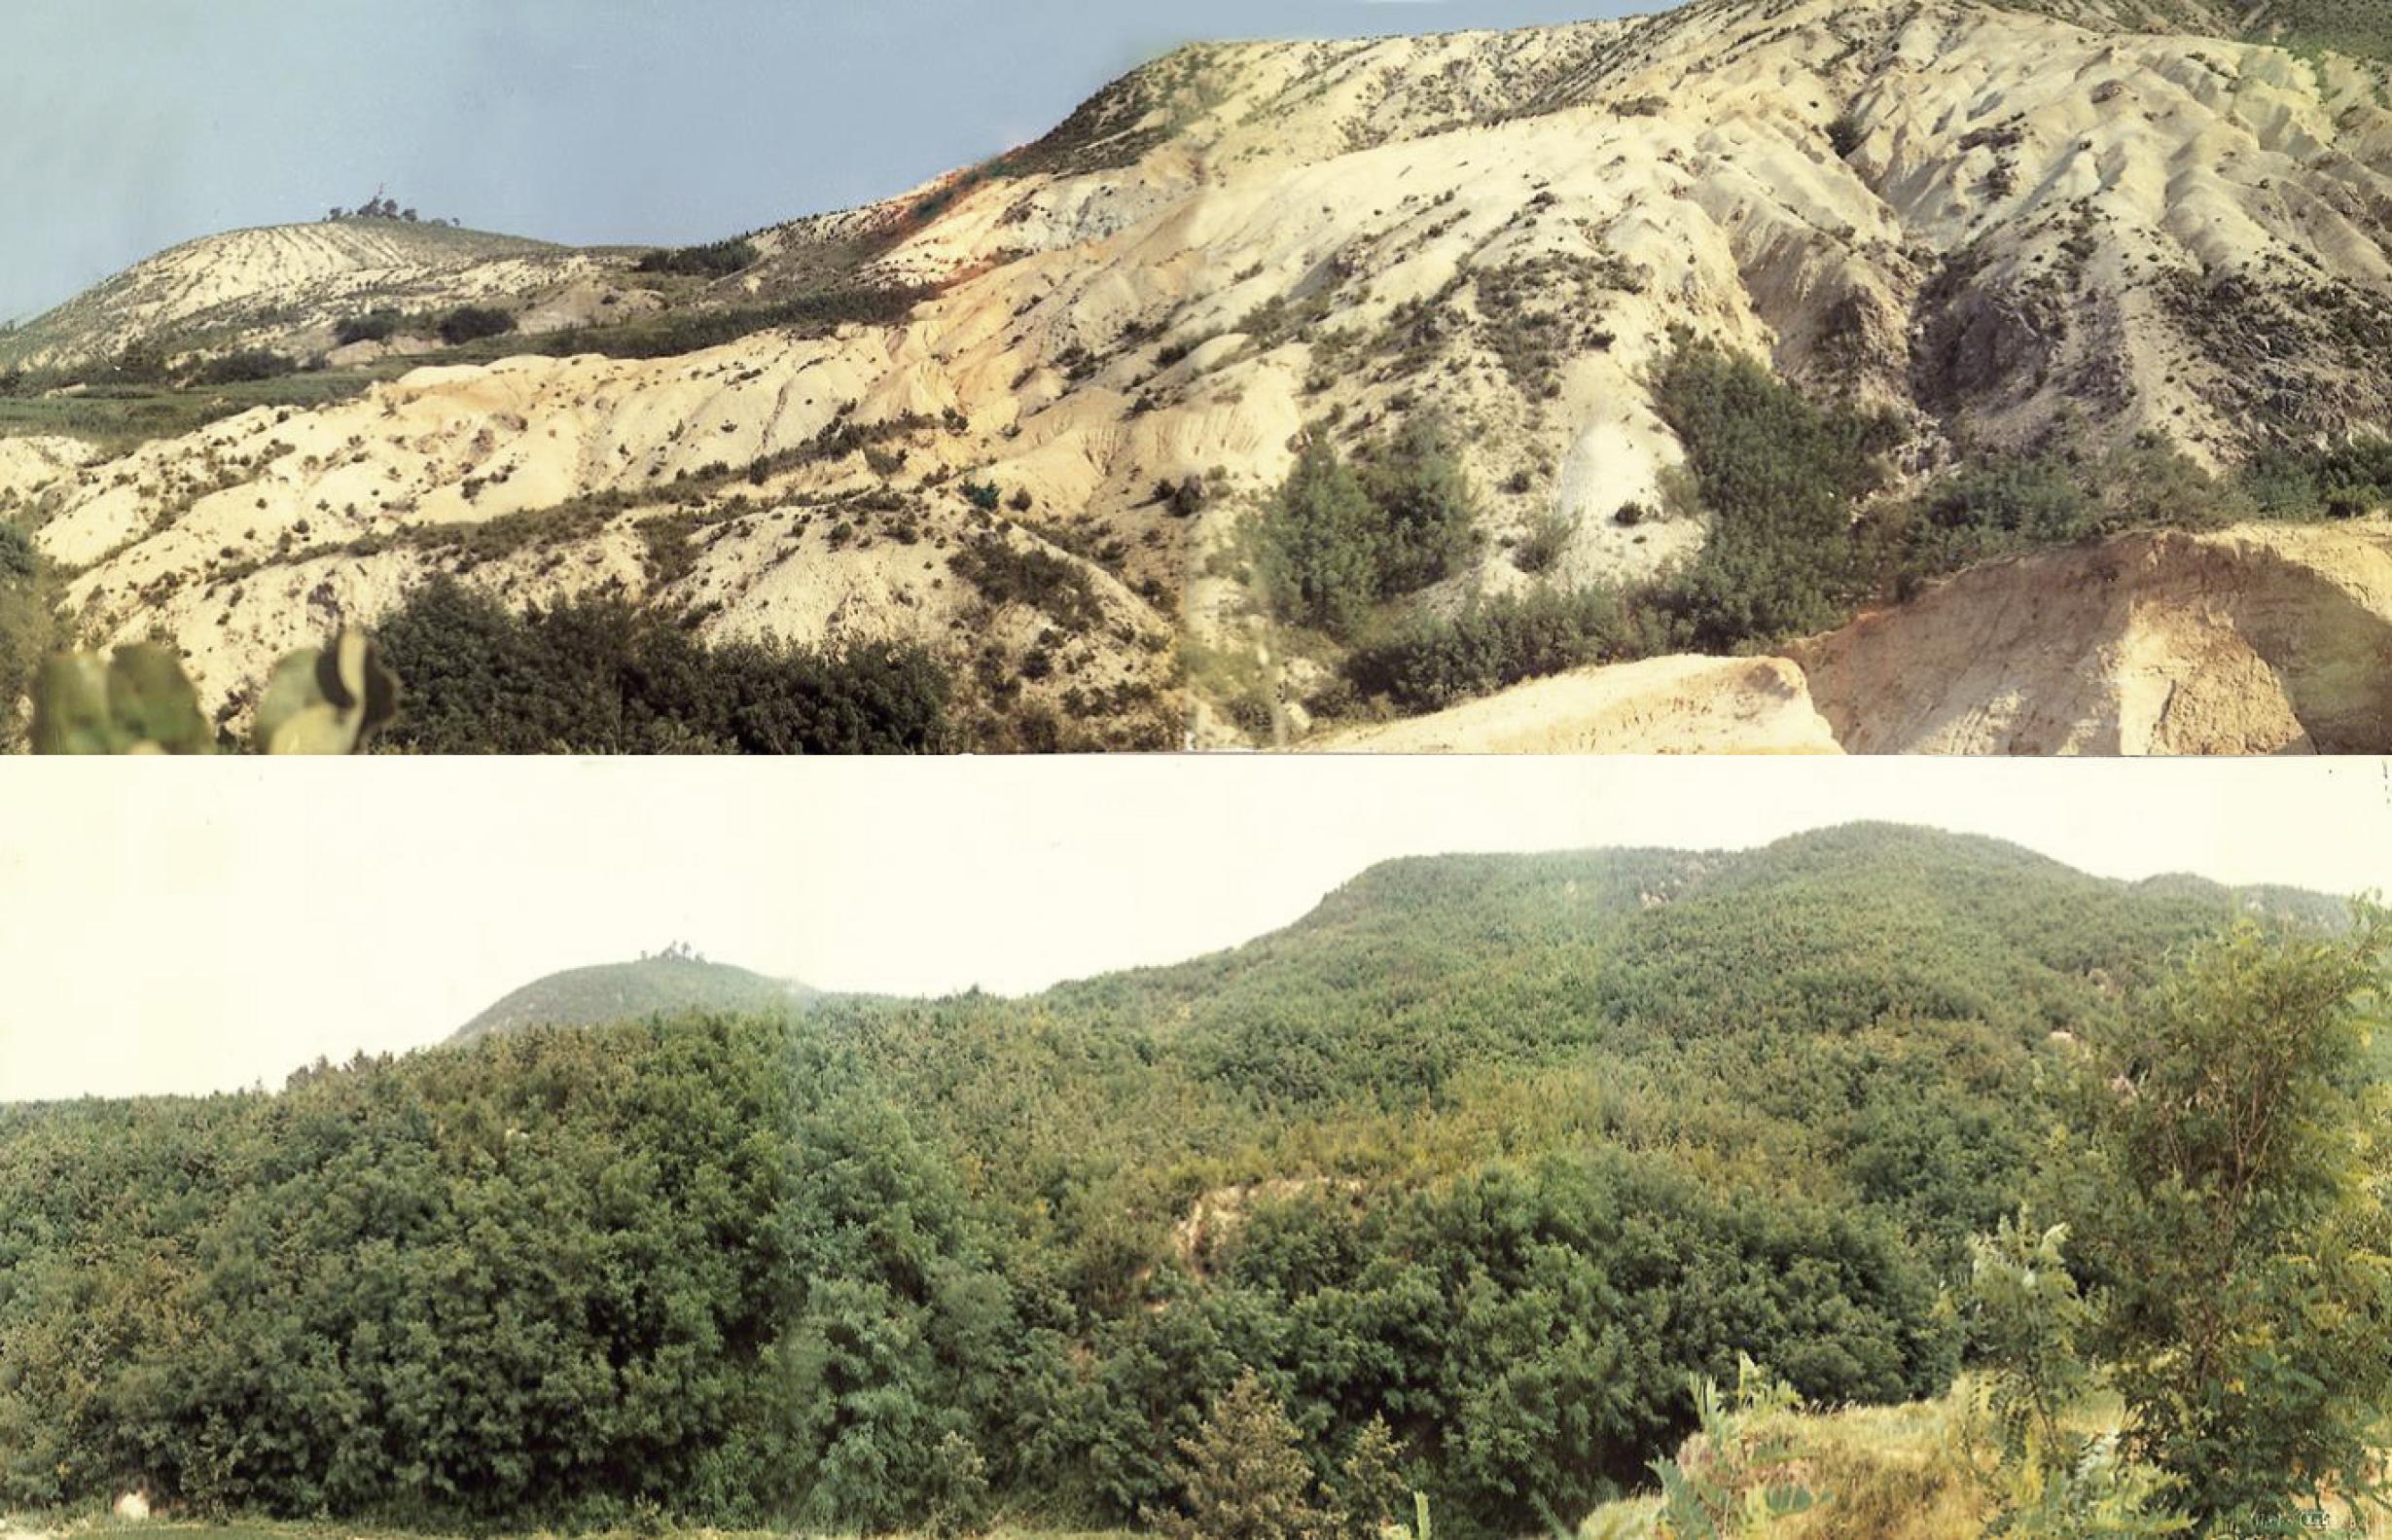 Exitoso control de erosión en Phohang y Youngil